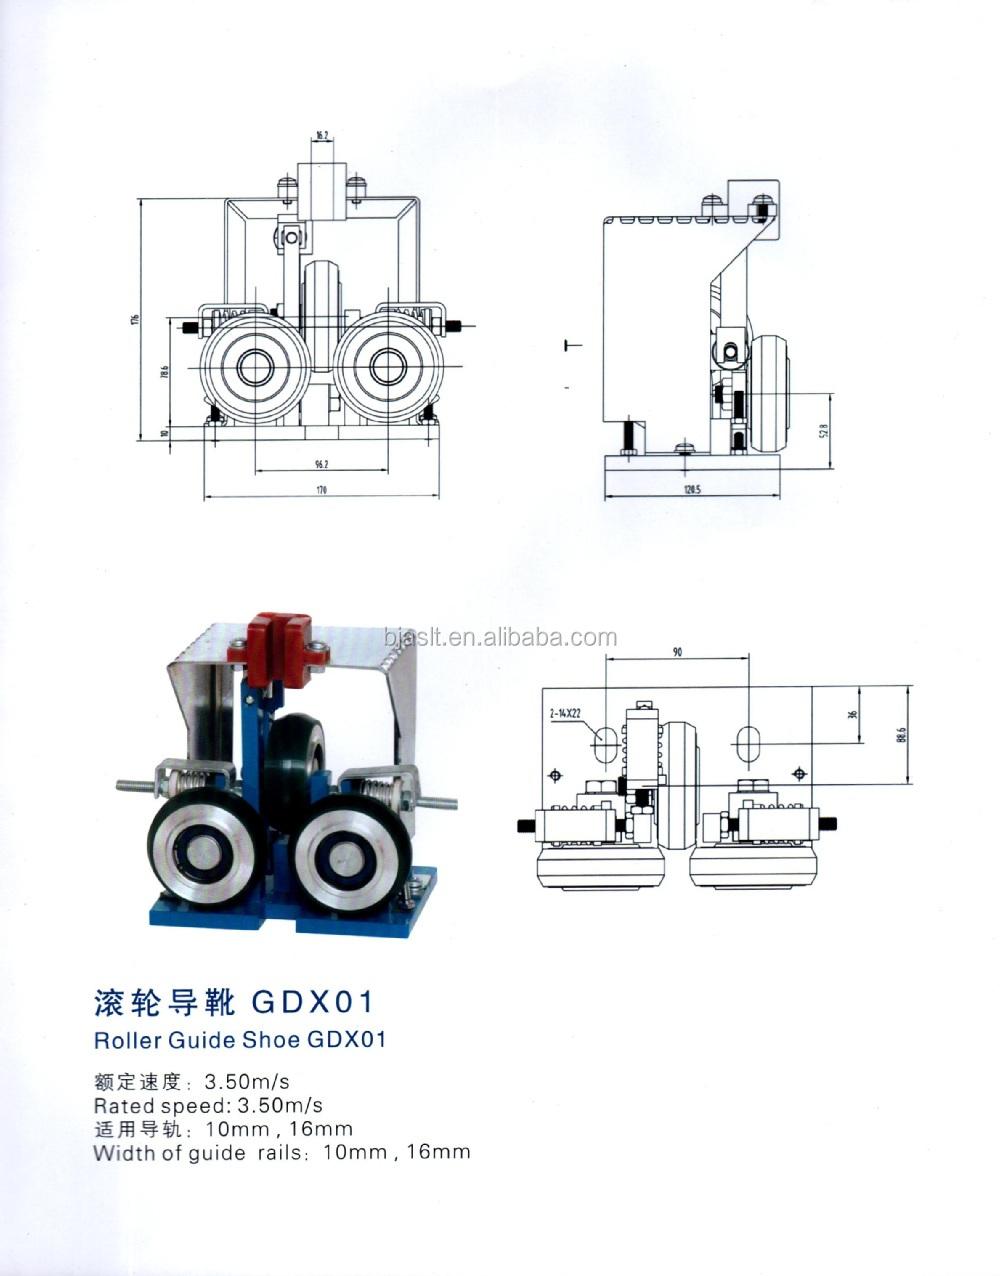 Elevator Roller Diagram Electrical Wiring Diagrams Otis Guide Shoe Parts Buy Door Schematics